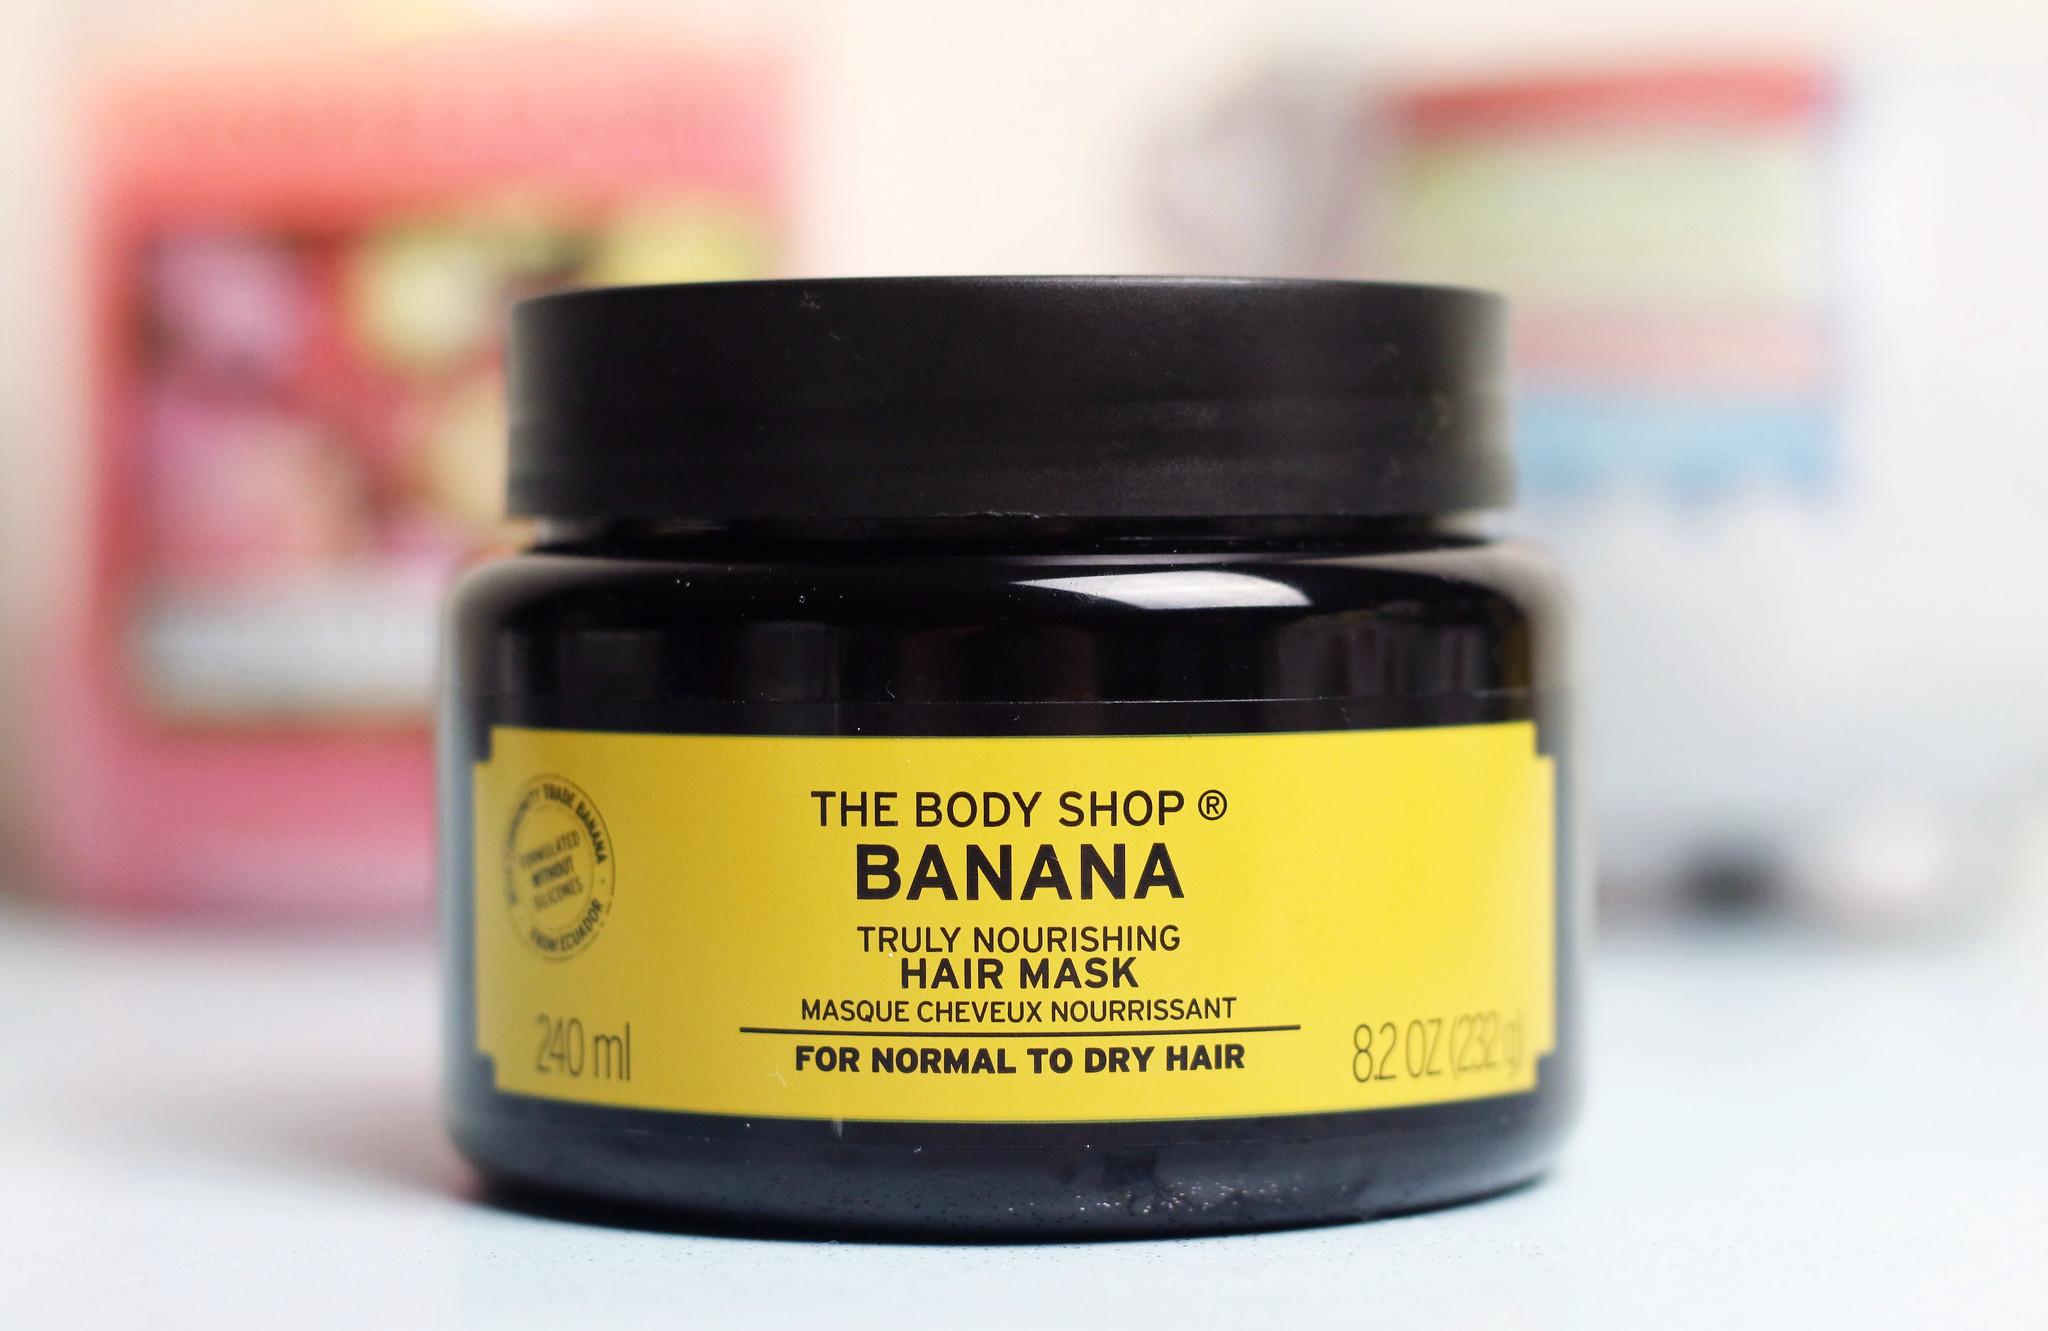 The Body Shop Banana Hair Mask